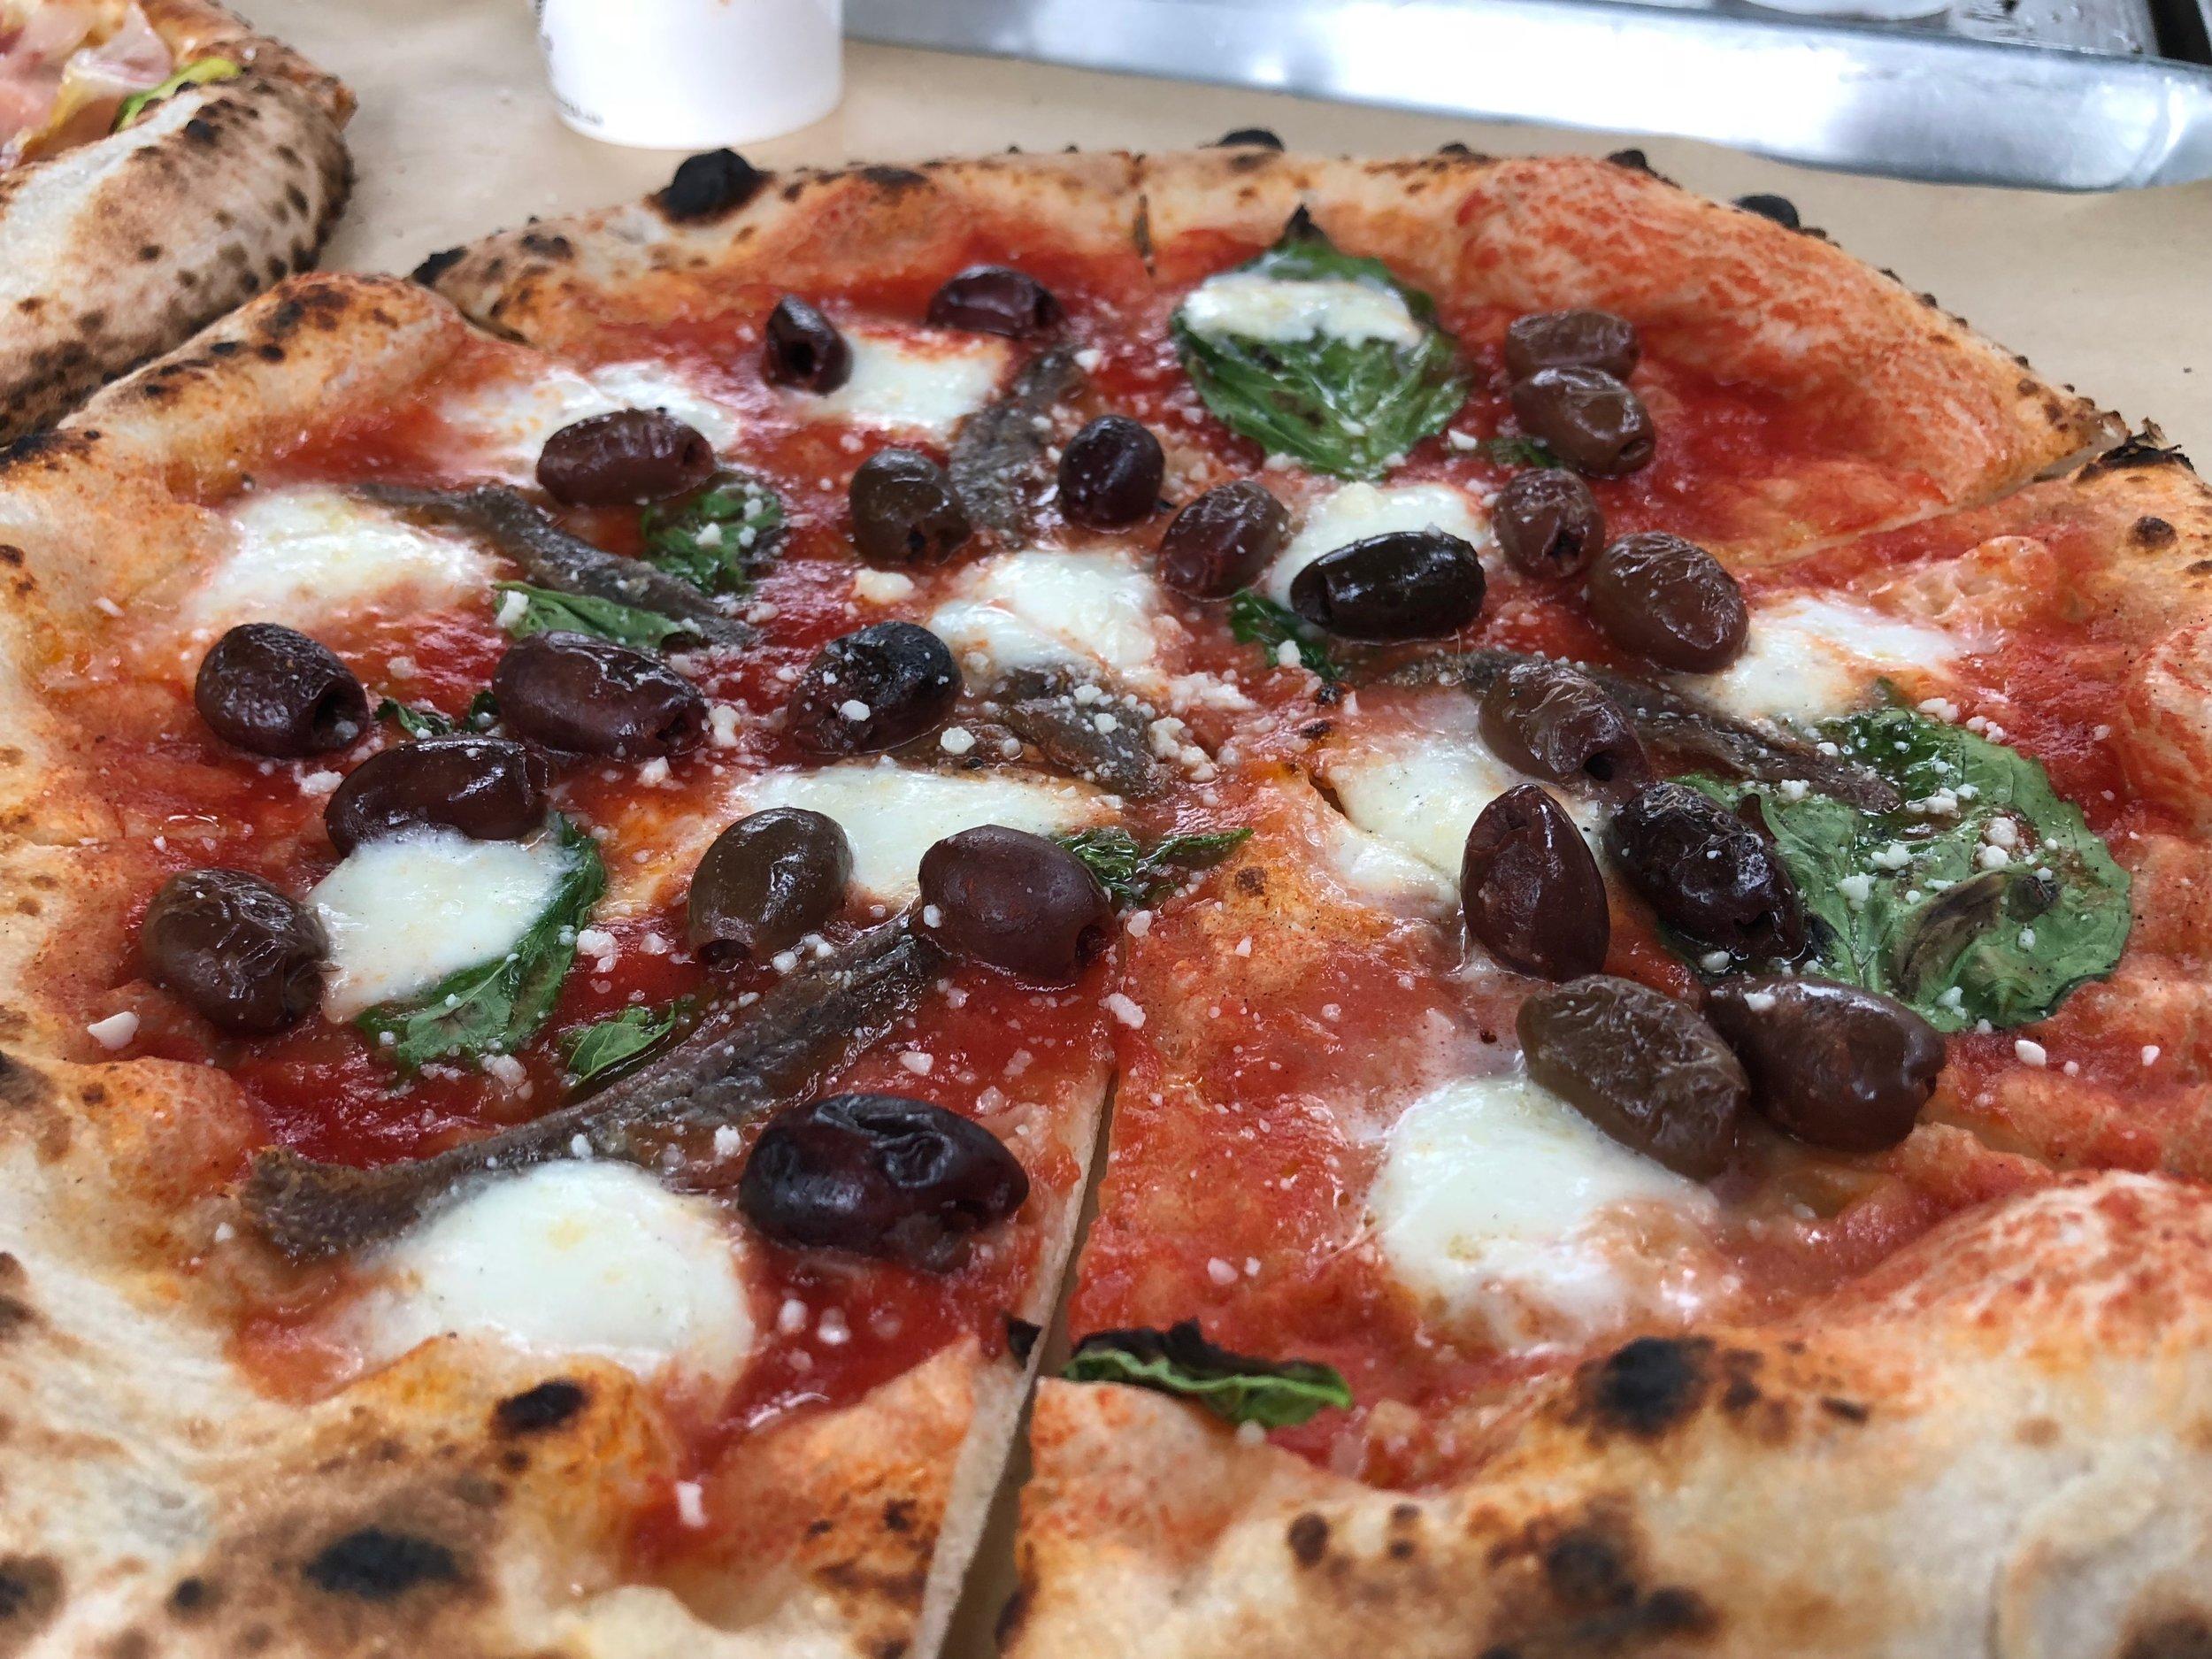 NAPOLETANA - Anchovy, Kalamata olives, San Marzano tomato sauce, Buffalo Mozzarella, basil